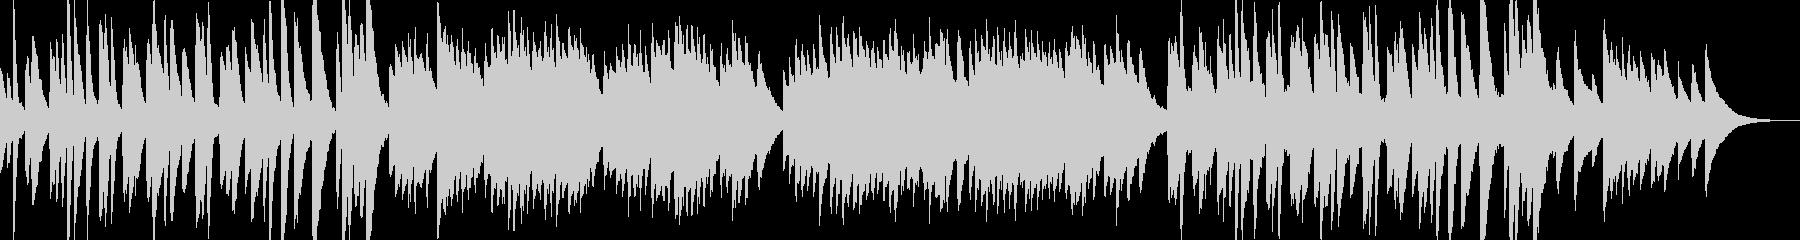 ピアノの音色と旋律が特徴的なアンビエントの未再生の波形